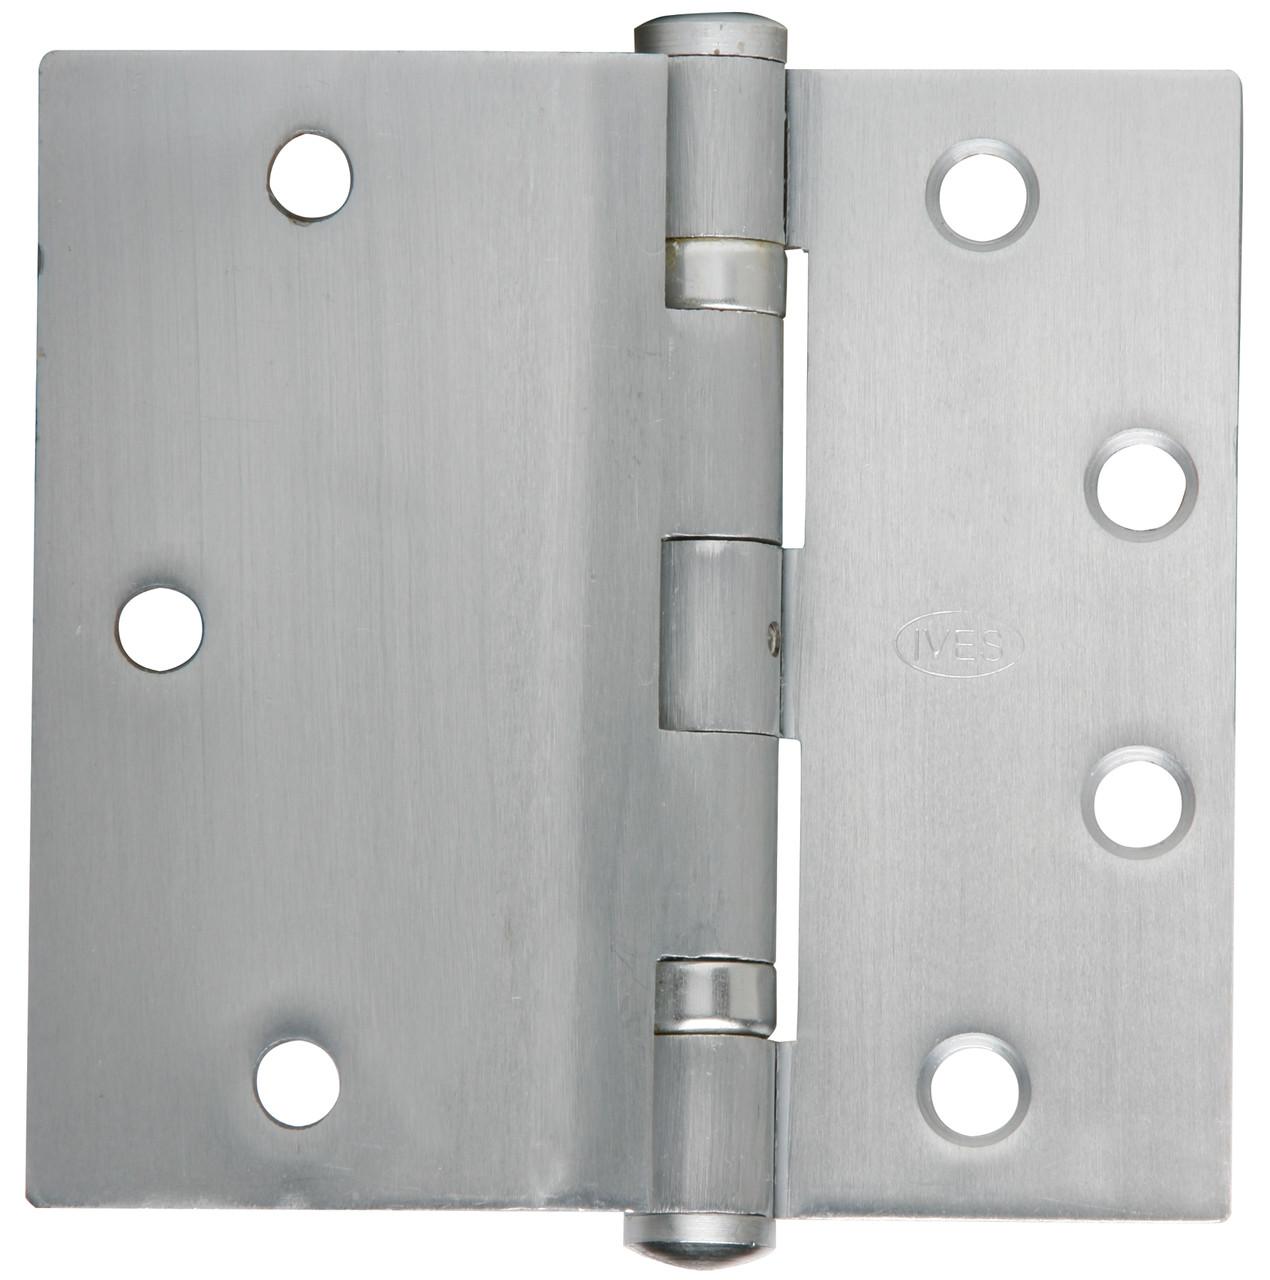 """3 Ives 5PB1 4/"""" x 4/"""" 600//USP Full Mortise Butt Plain Bearing Door Hinges PRIMED"""